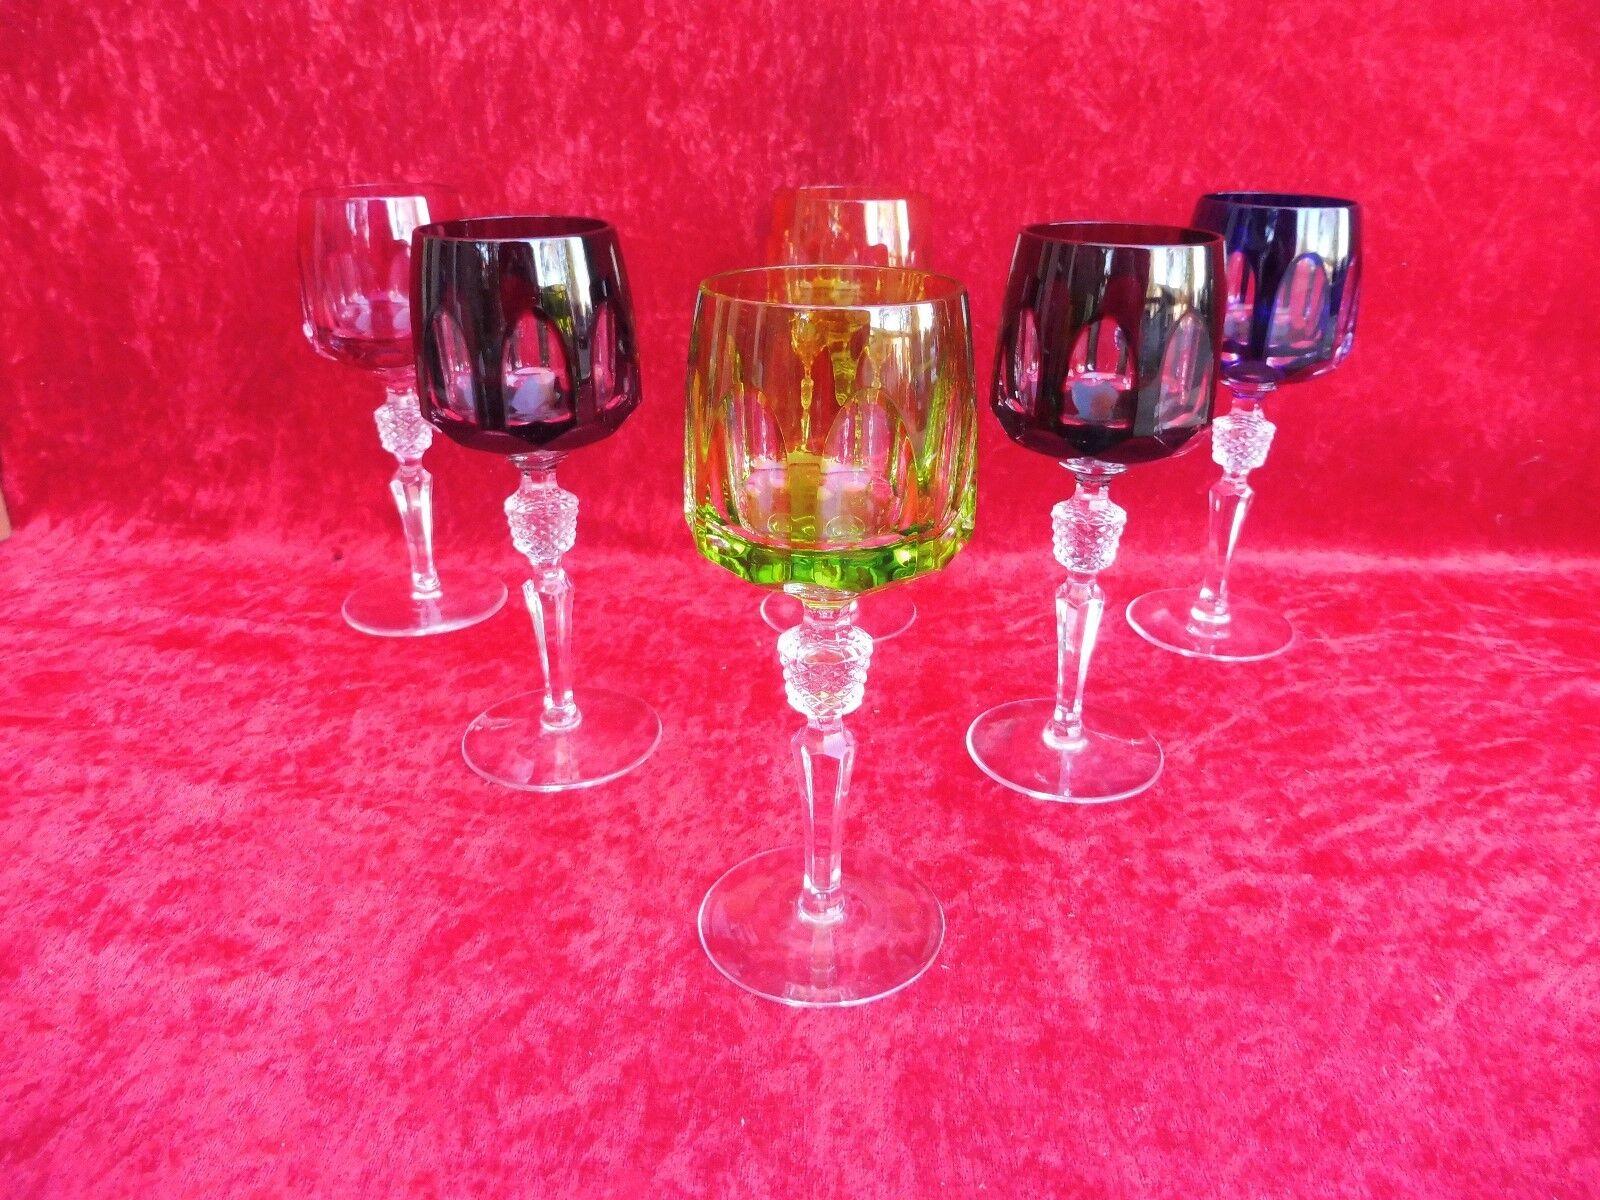 6 edle Wein-Römer__Bleikristall geschliffen___Nachtmann Antika ___ ___ ___ | Wunderbar  a4d5bf